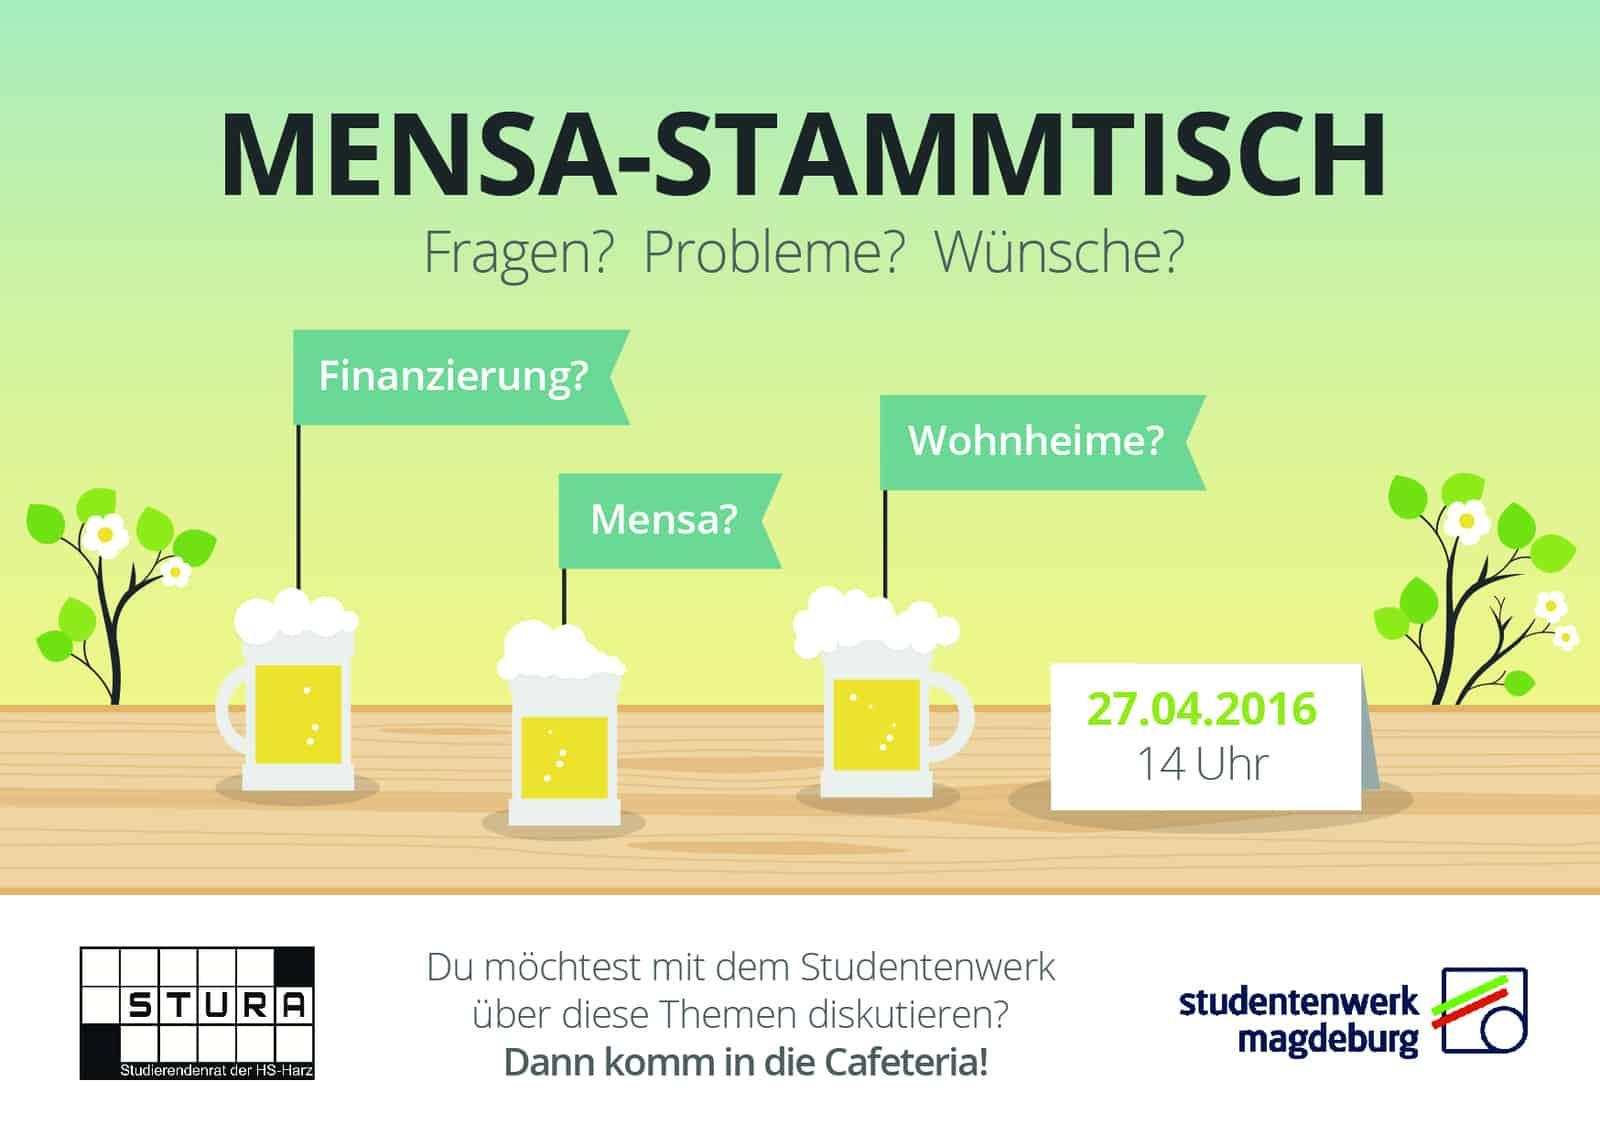 MensaStammtisch-Sommersemester 27.04.